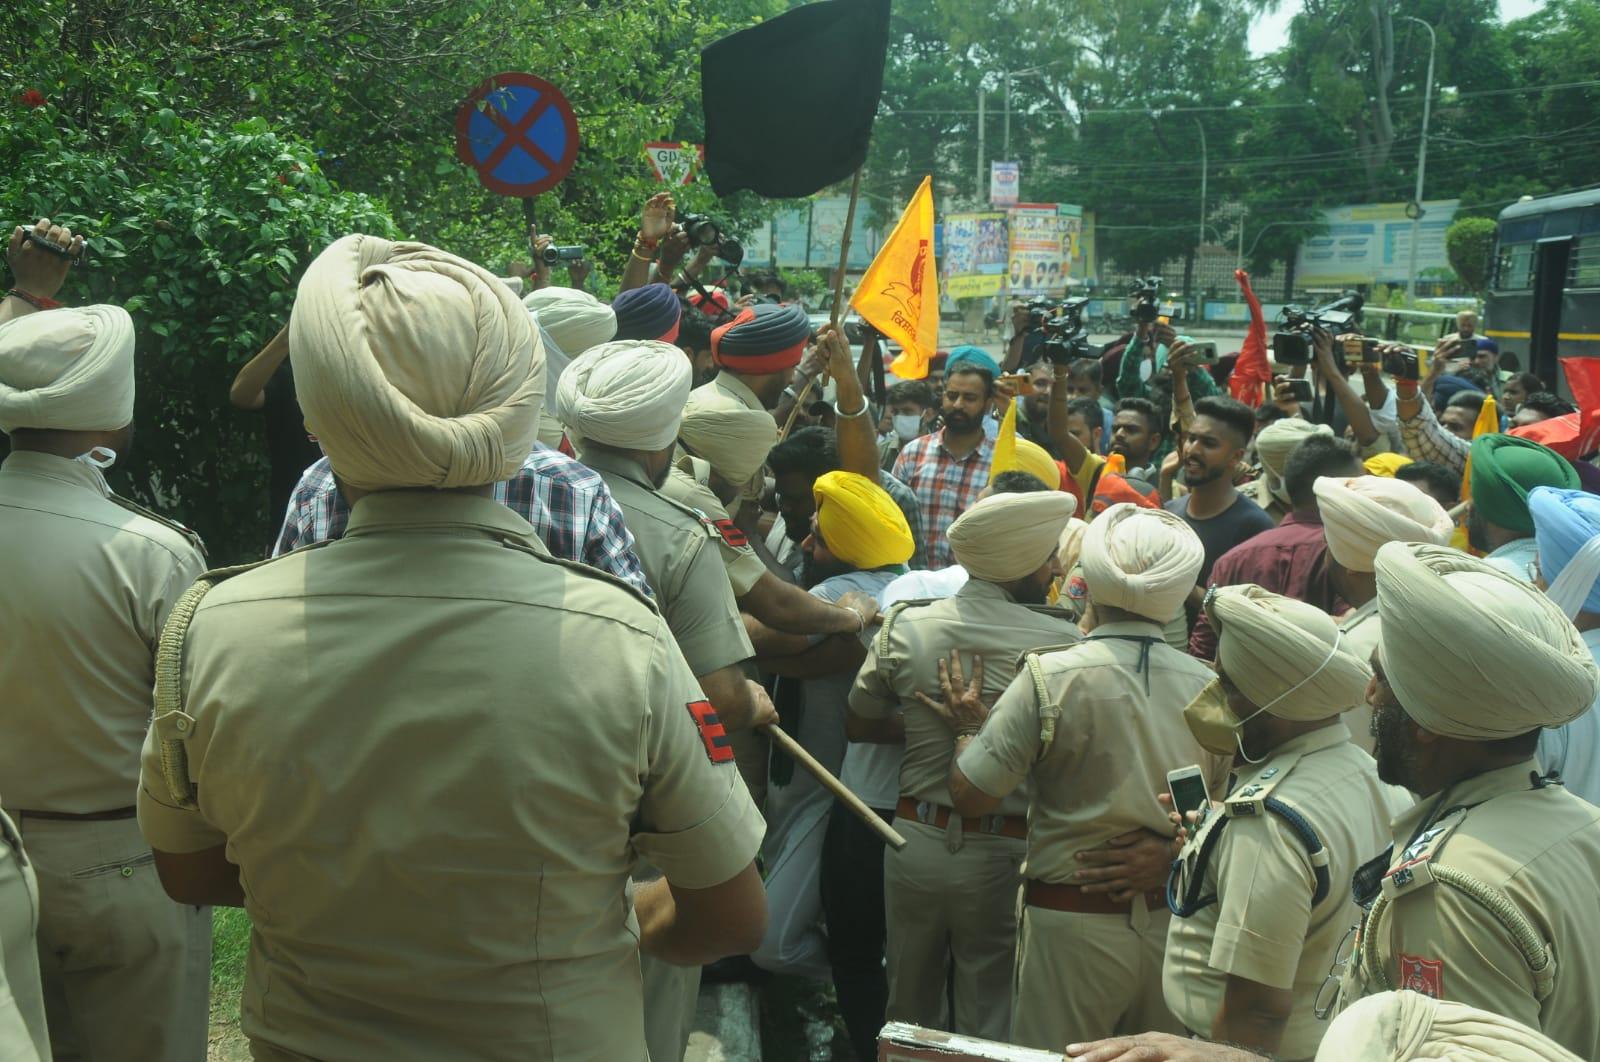 सर्किट हाउस में घुसने की कोशिश में पुलिस व किसानों में धक्का-मुक्की; भाजपा प्रदेश प्रधान बोले- जब कृषि कानून लागू ही नहीं तो किसान आंदोलन क्यों? जालंधर,Jalandhar - Dainik Bhaskar